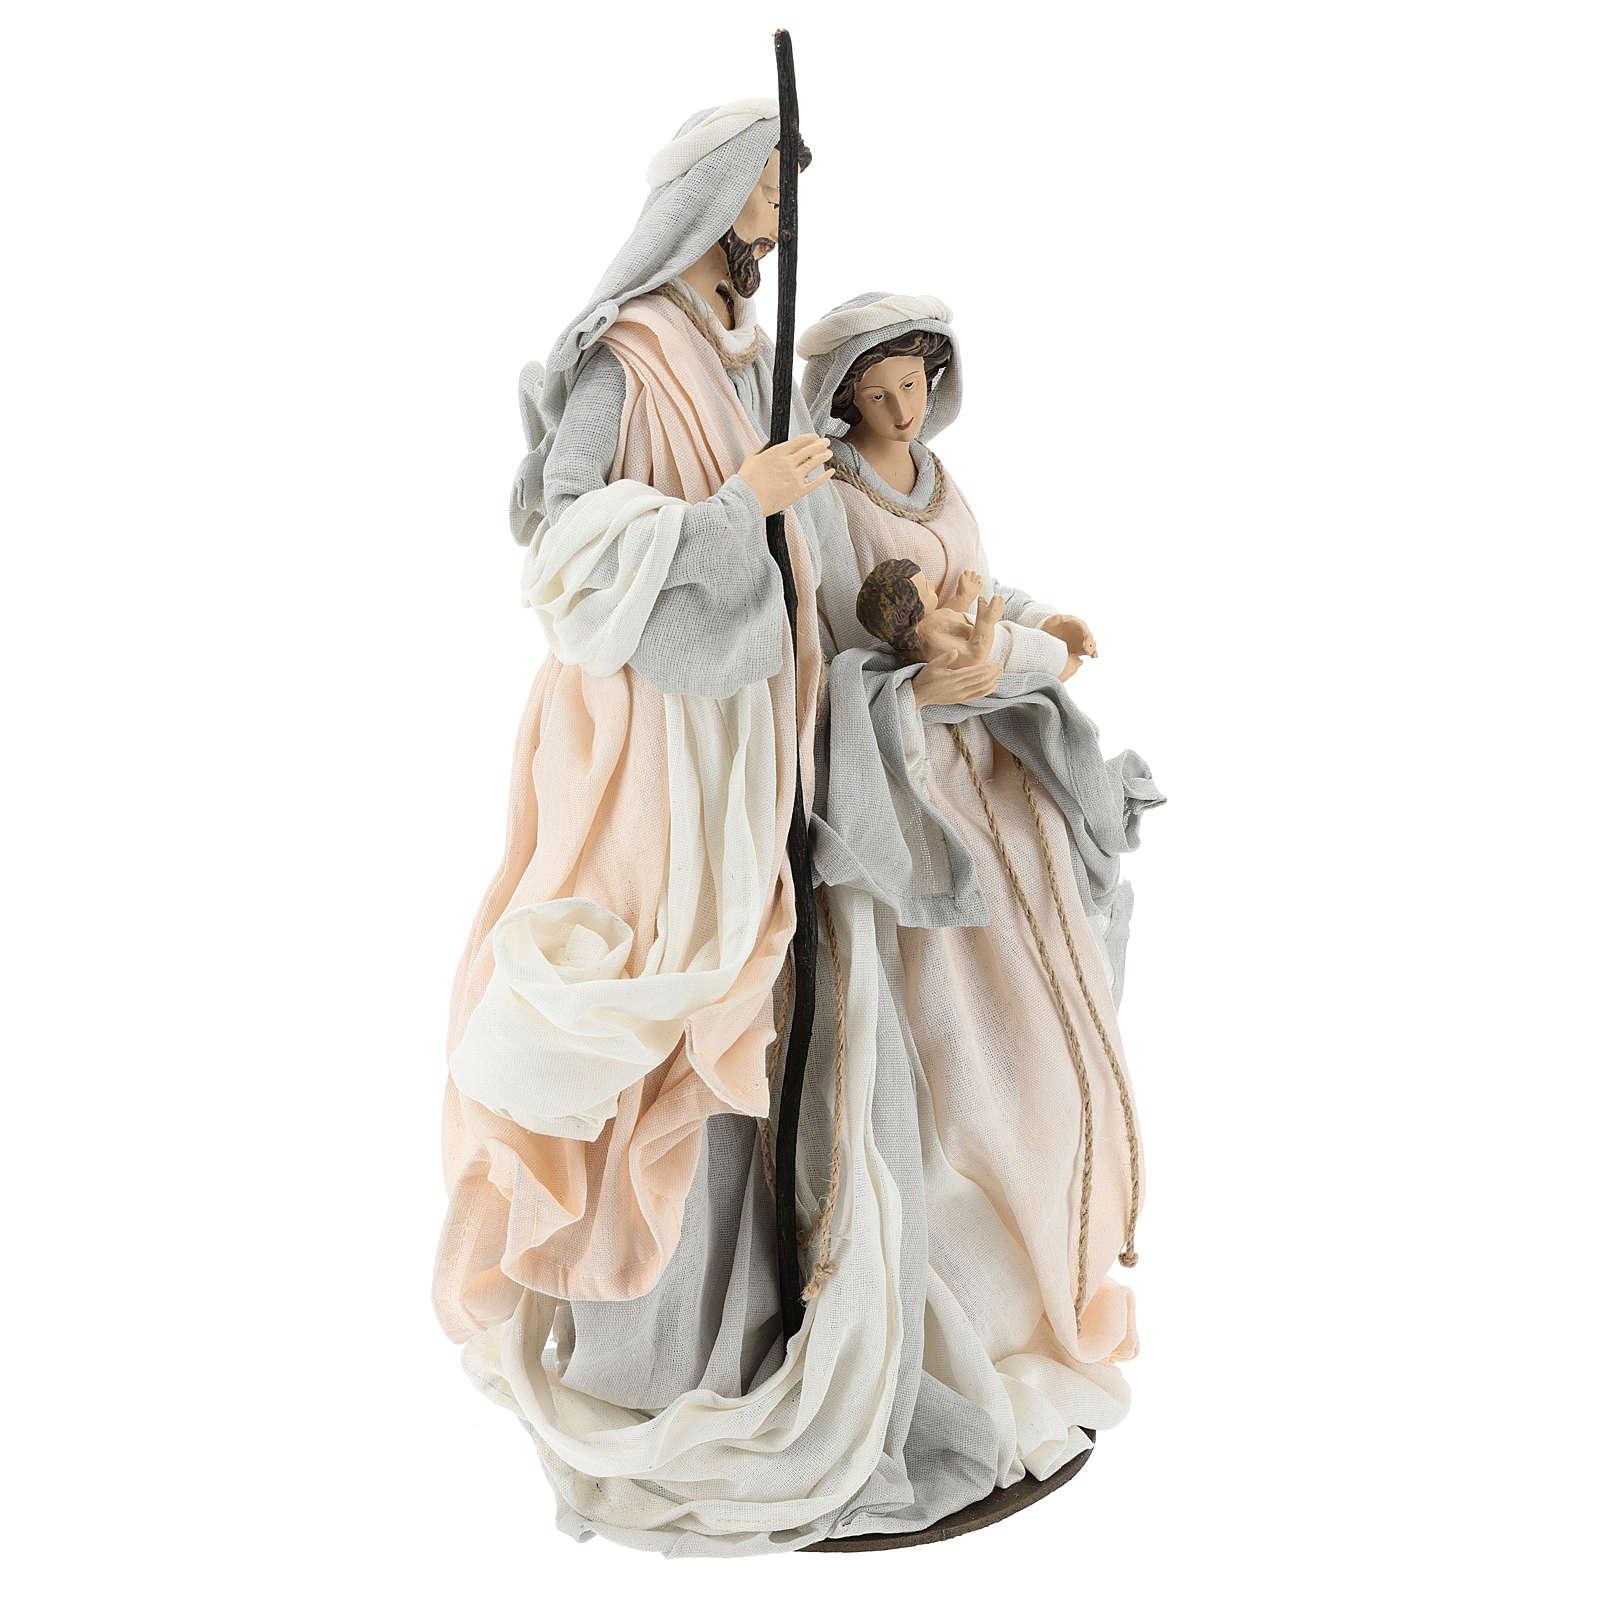 Natividade resina com base tecido cor de marfim e cinzento 47 cm 3